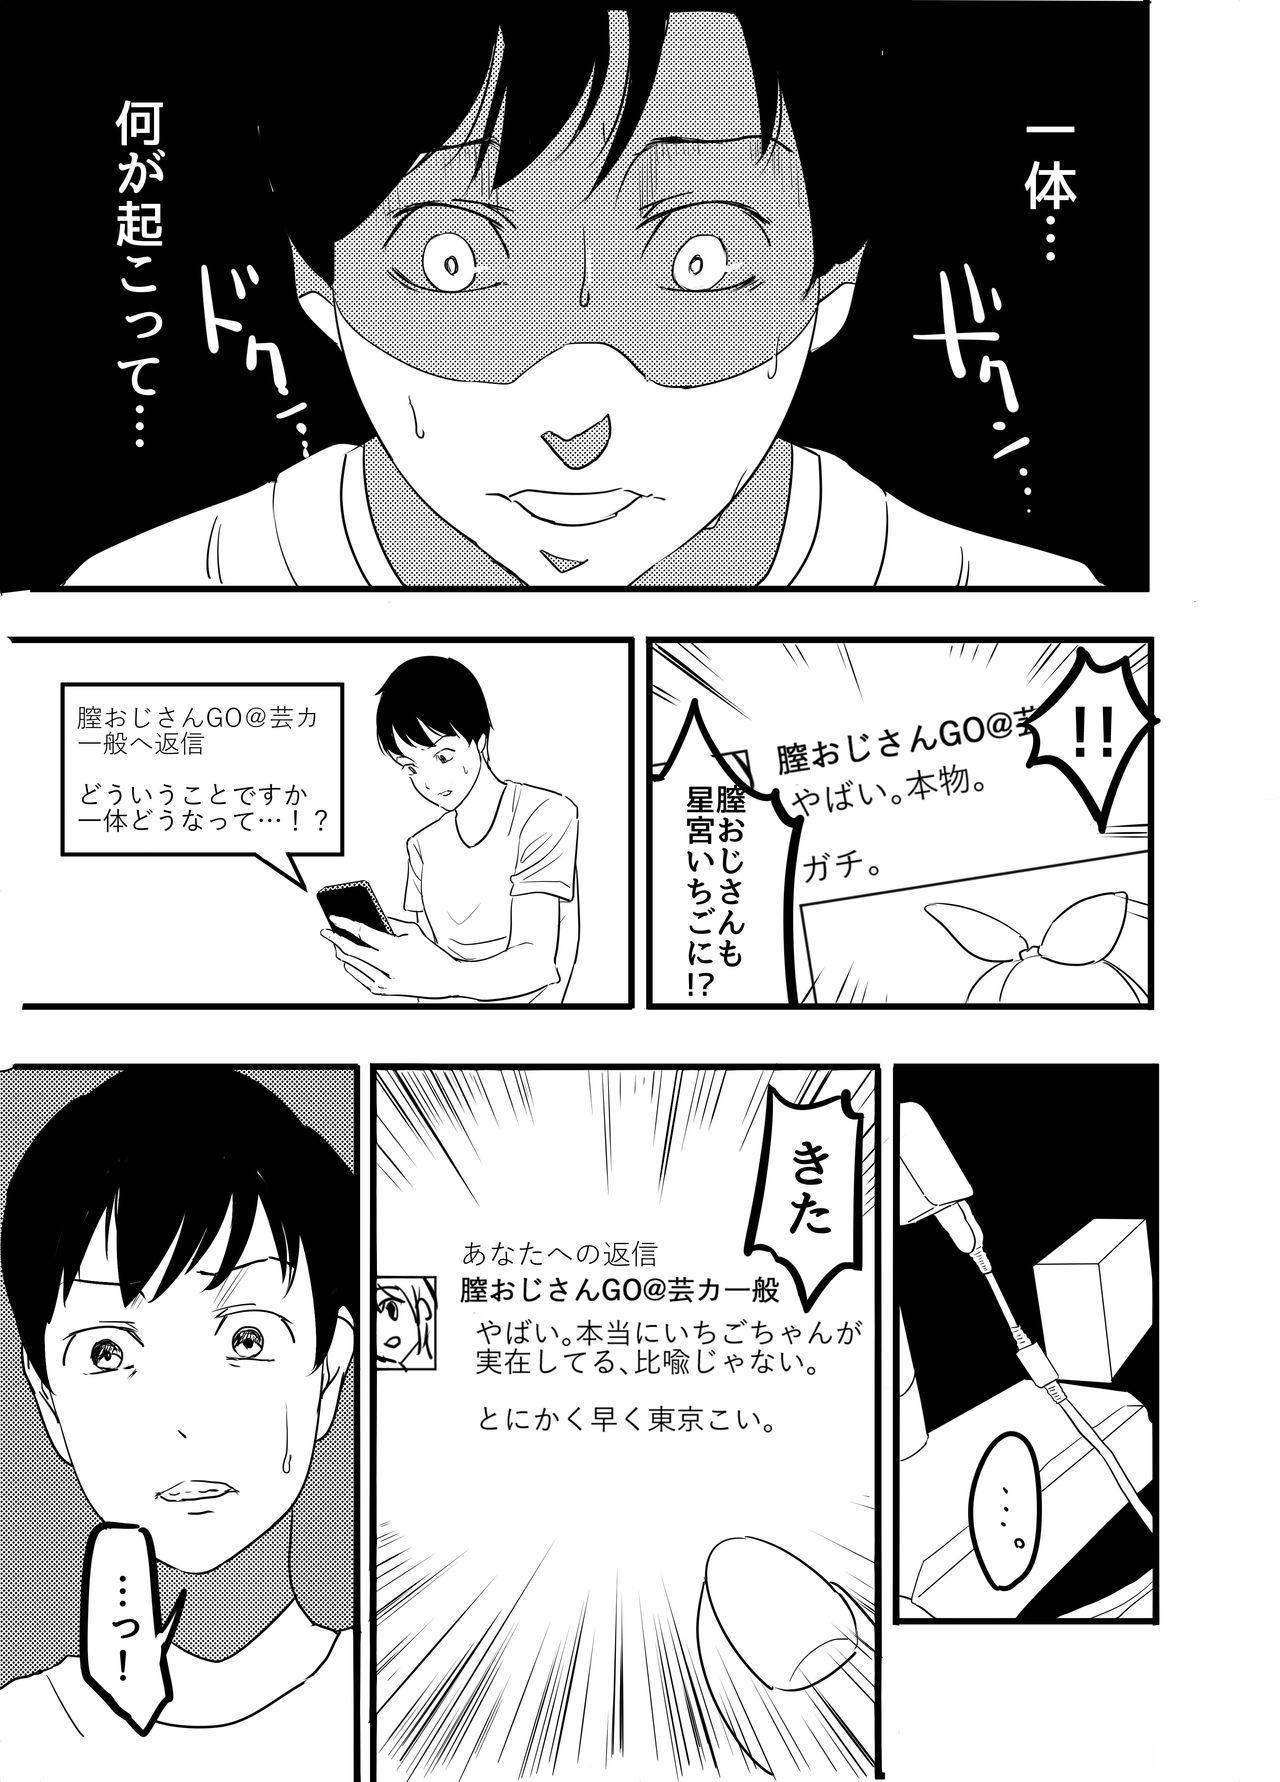 Hoshimiya Ichigo o Goukan Shite Boku wa Hoshi ni Naru. 11